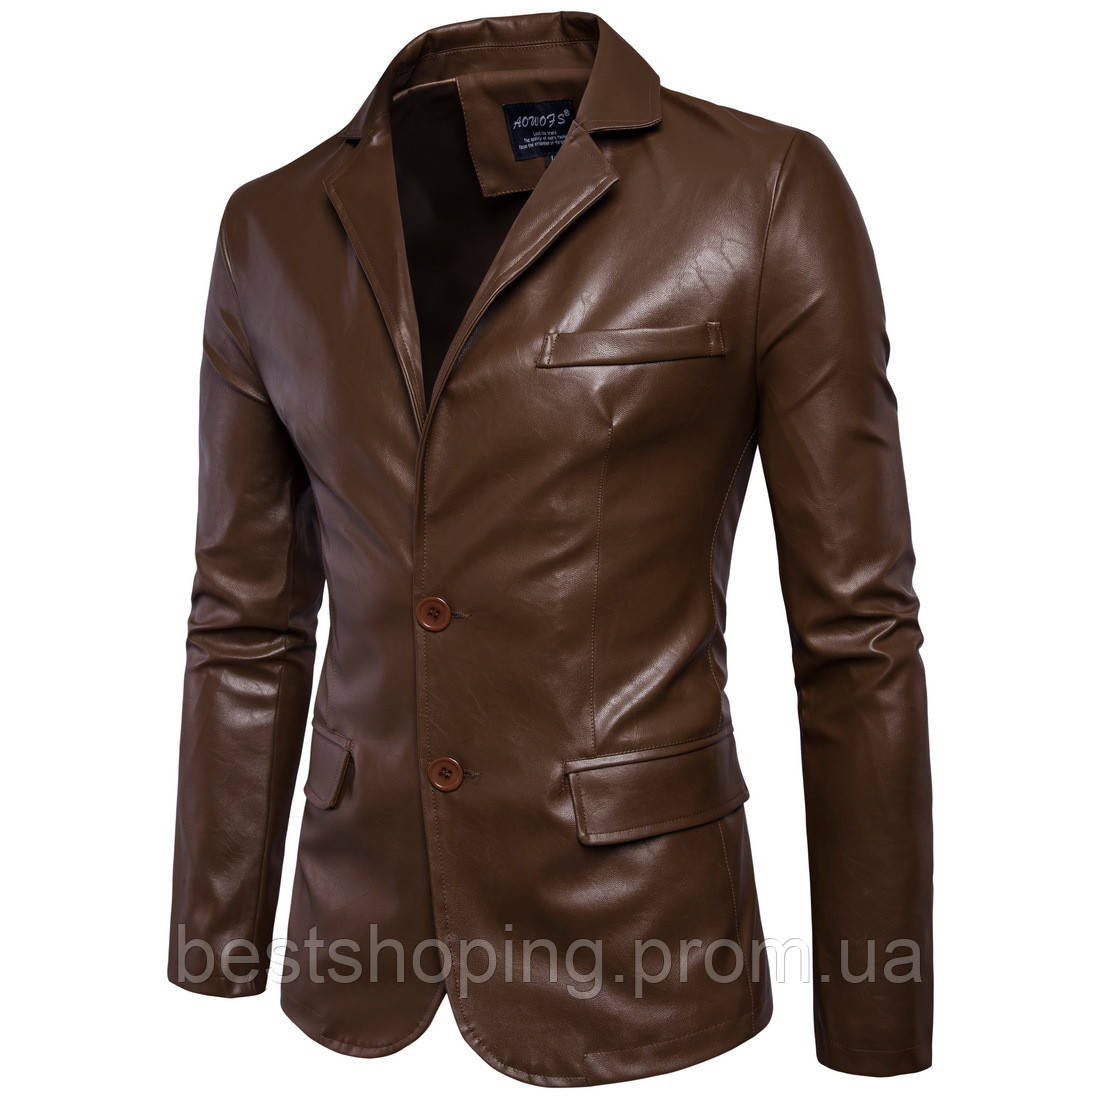 5a04a6e6387 Мужская кожаная куртка